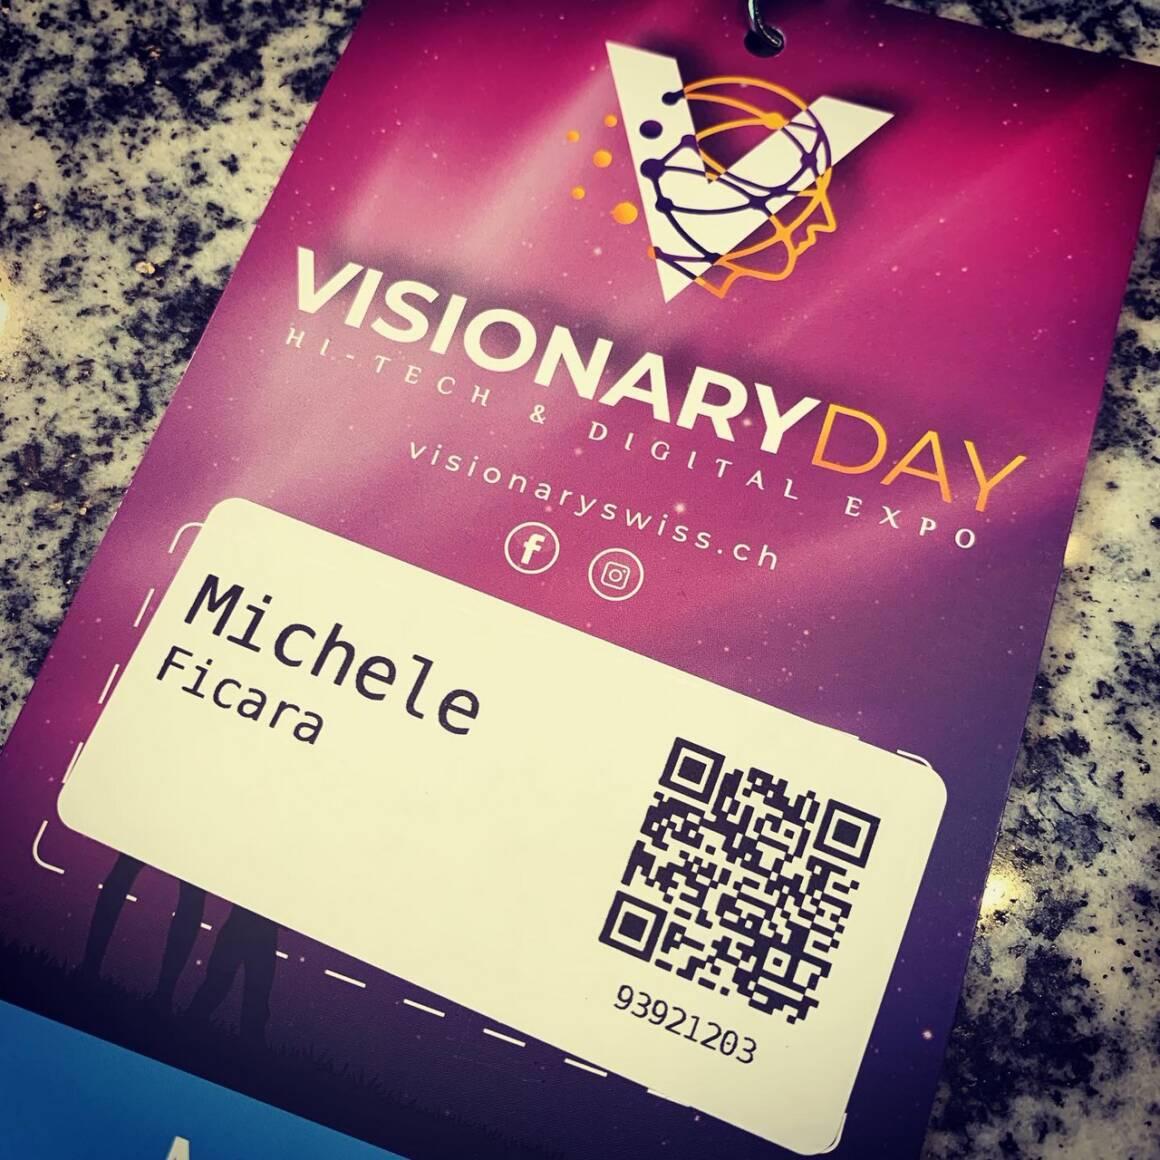 Visionary Day un evento che ha ispirato il pubblico ecco i grandi numeri 5 1160x1160 - Visionary Day un evento dai grandi numeri che ha ispirato il dibattito sull'innovazione